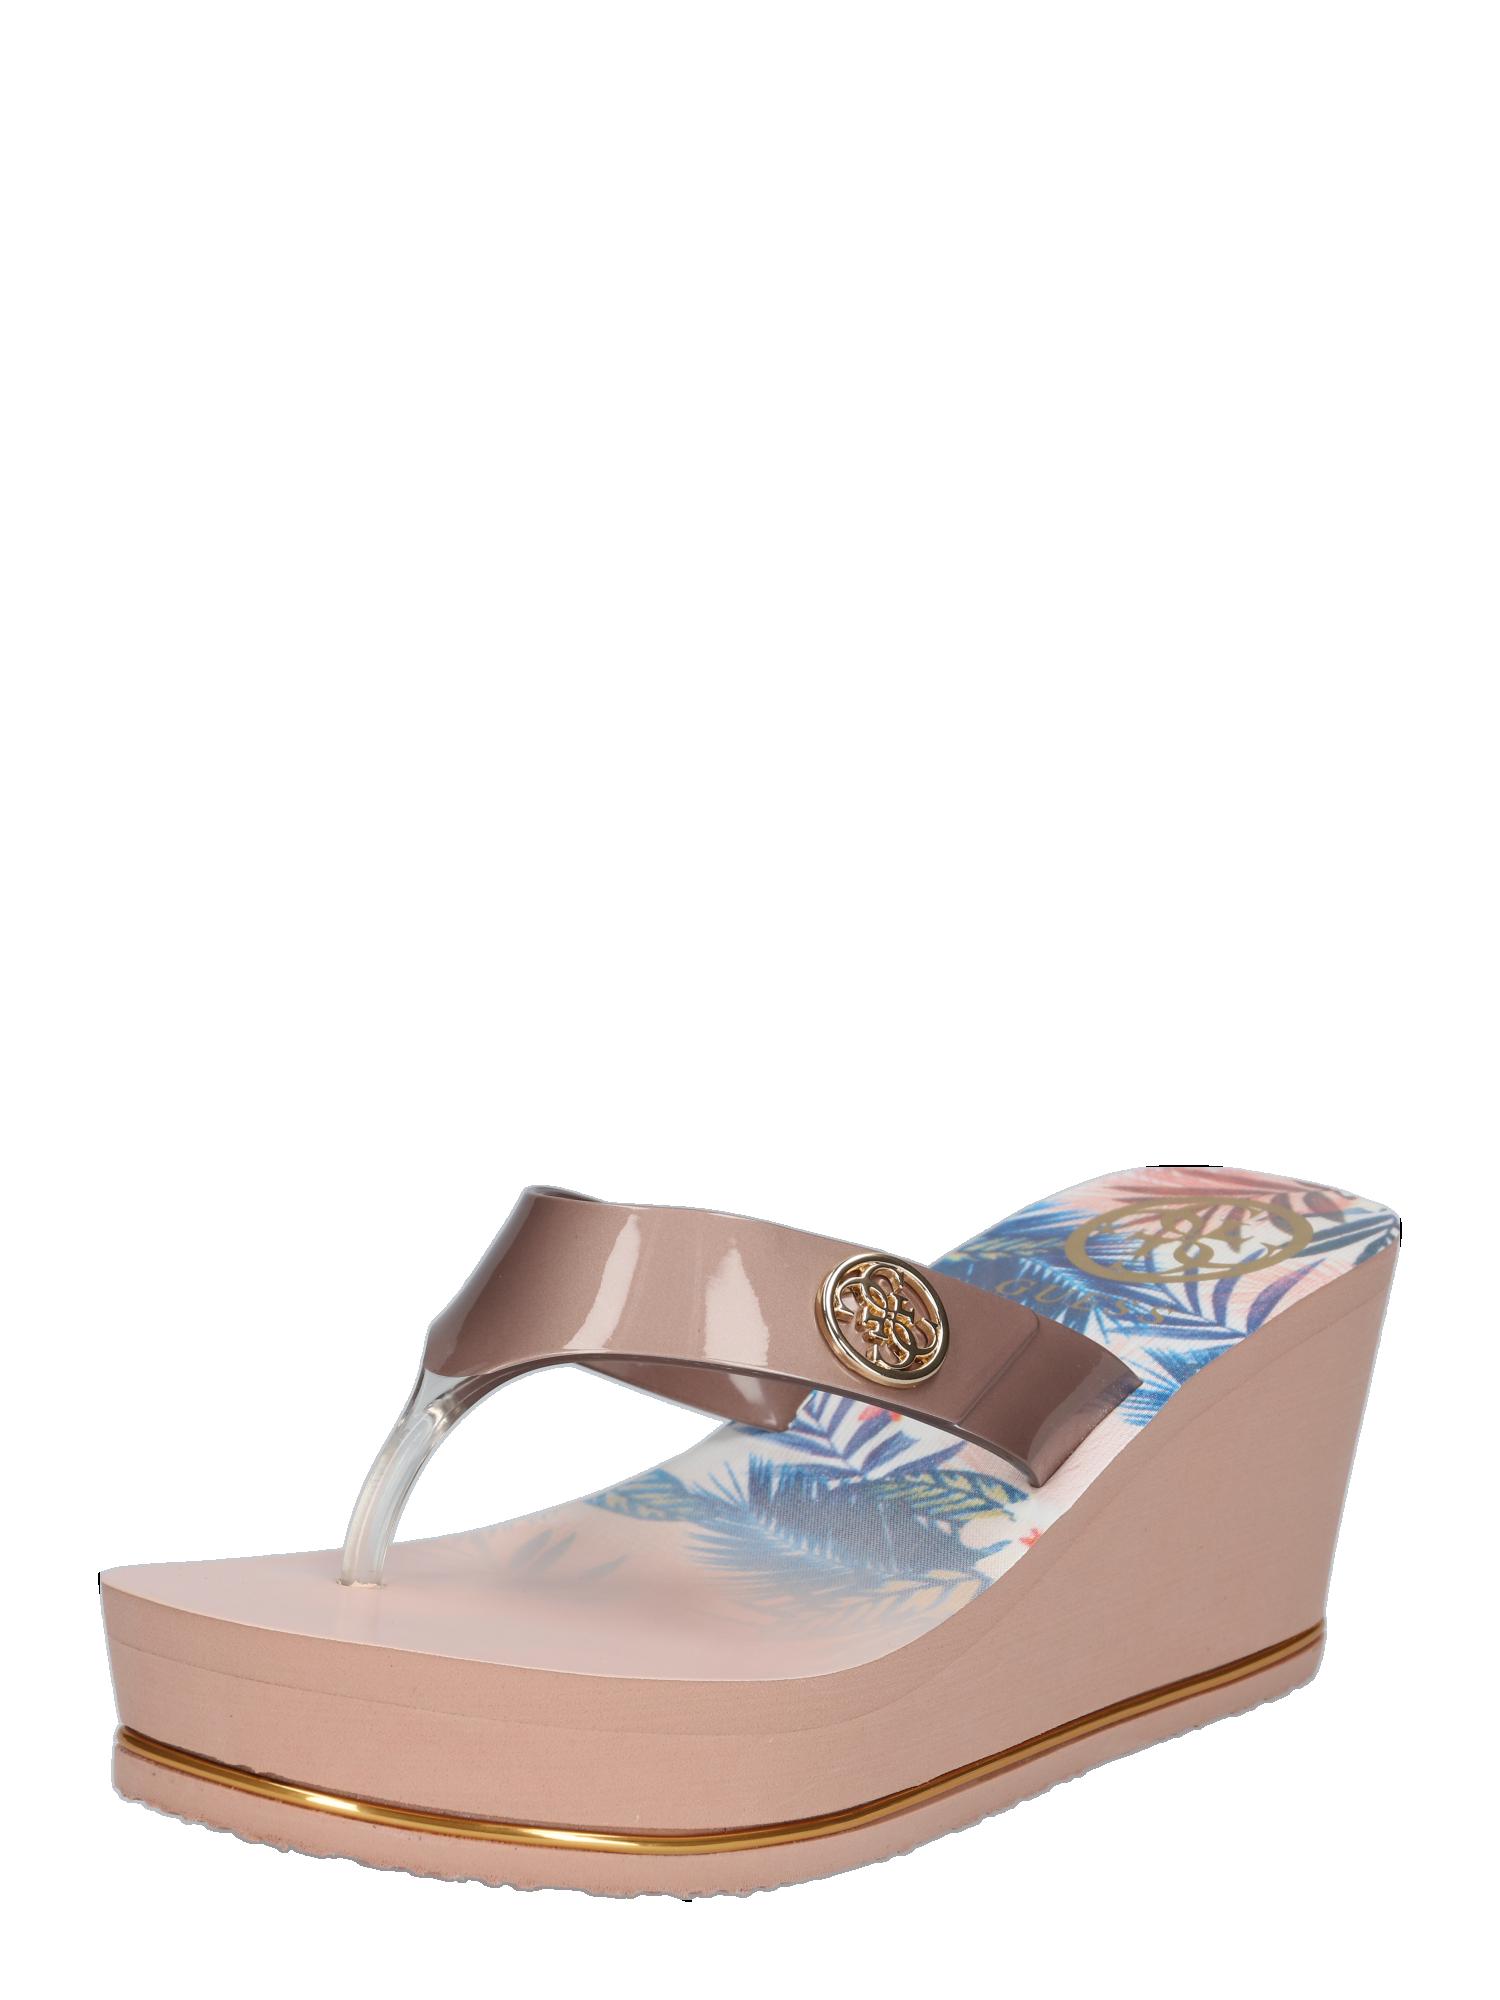 Sandalen Schuhe Damen Guess Sandale Shadia Mit Keilabsatz